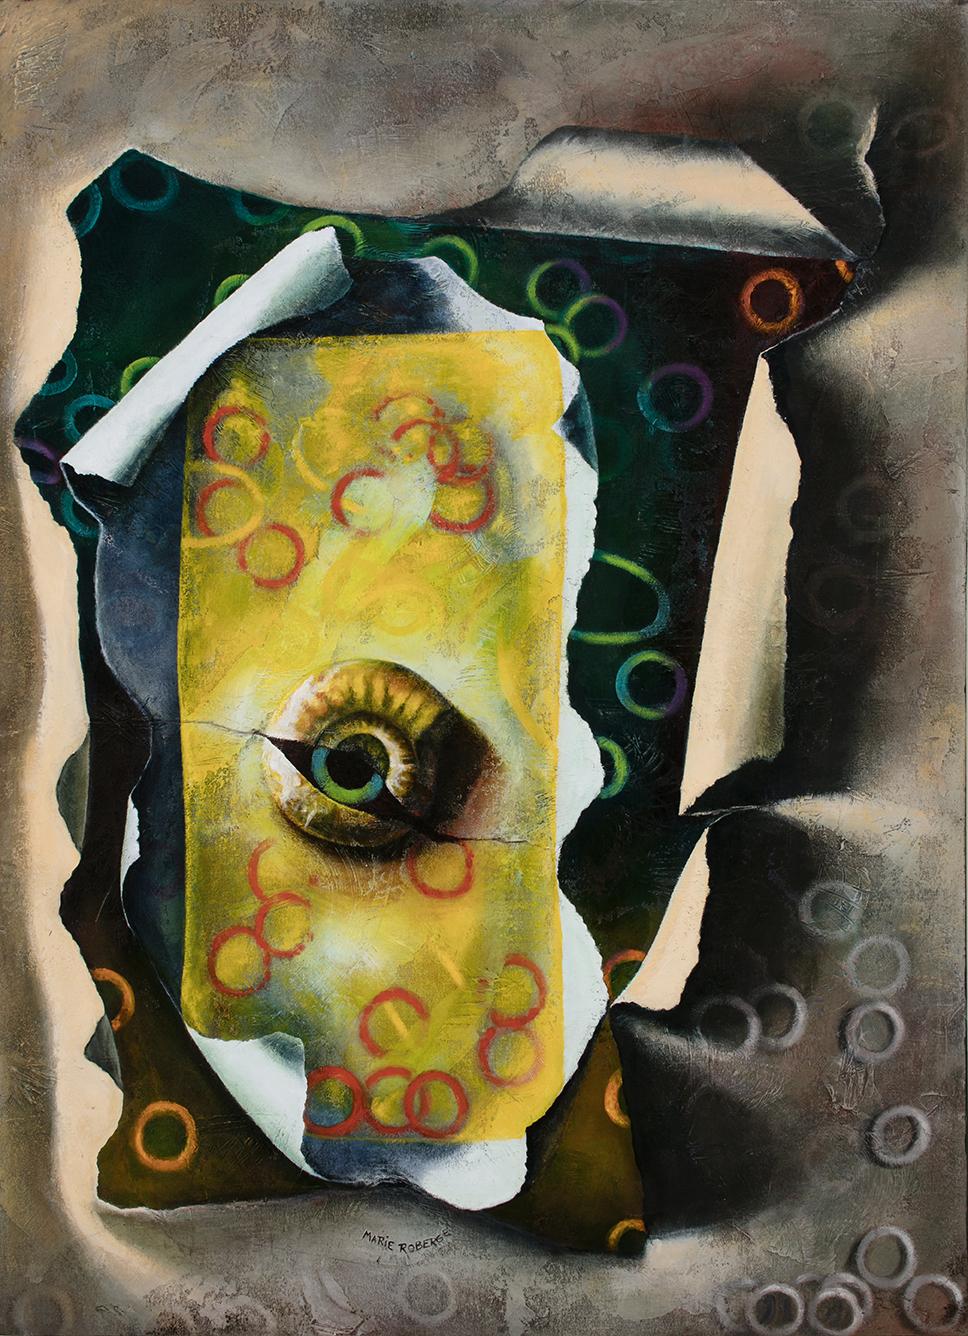 Visions, 1998 Acrylique sur toile marouflée  Dimensions : 48pcsx34pcs